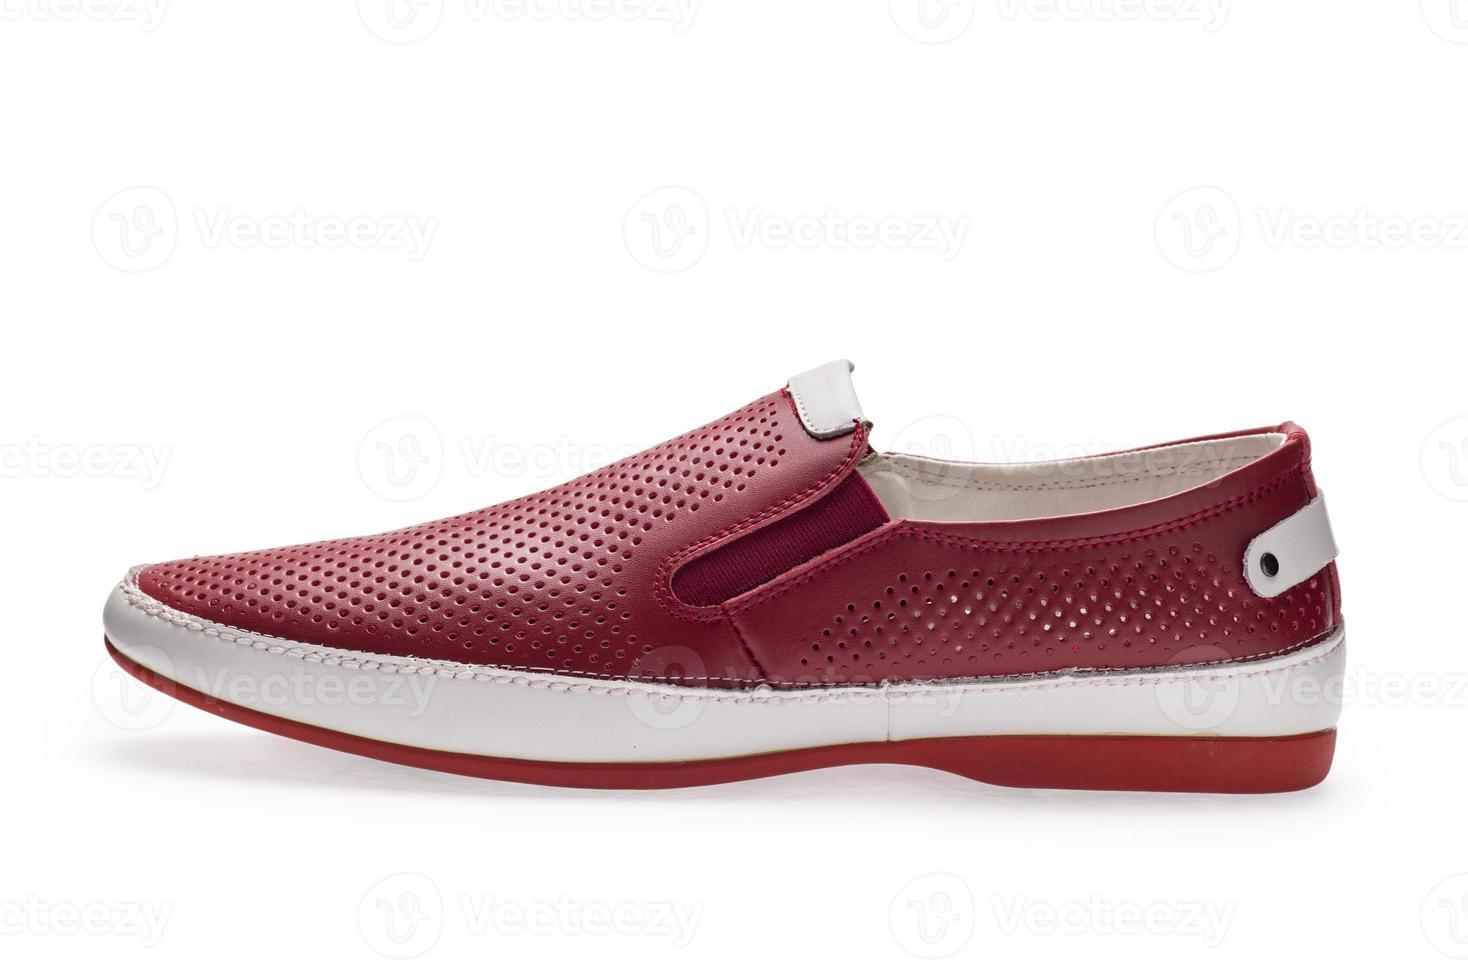 una scarpa da uomo rosso-bianca senza lacci delle scarpe foto